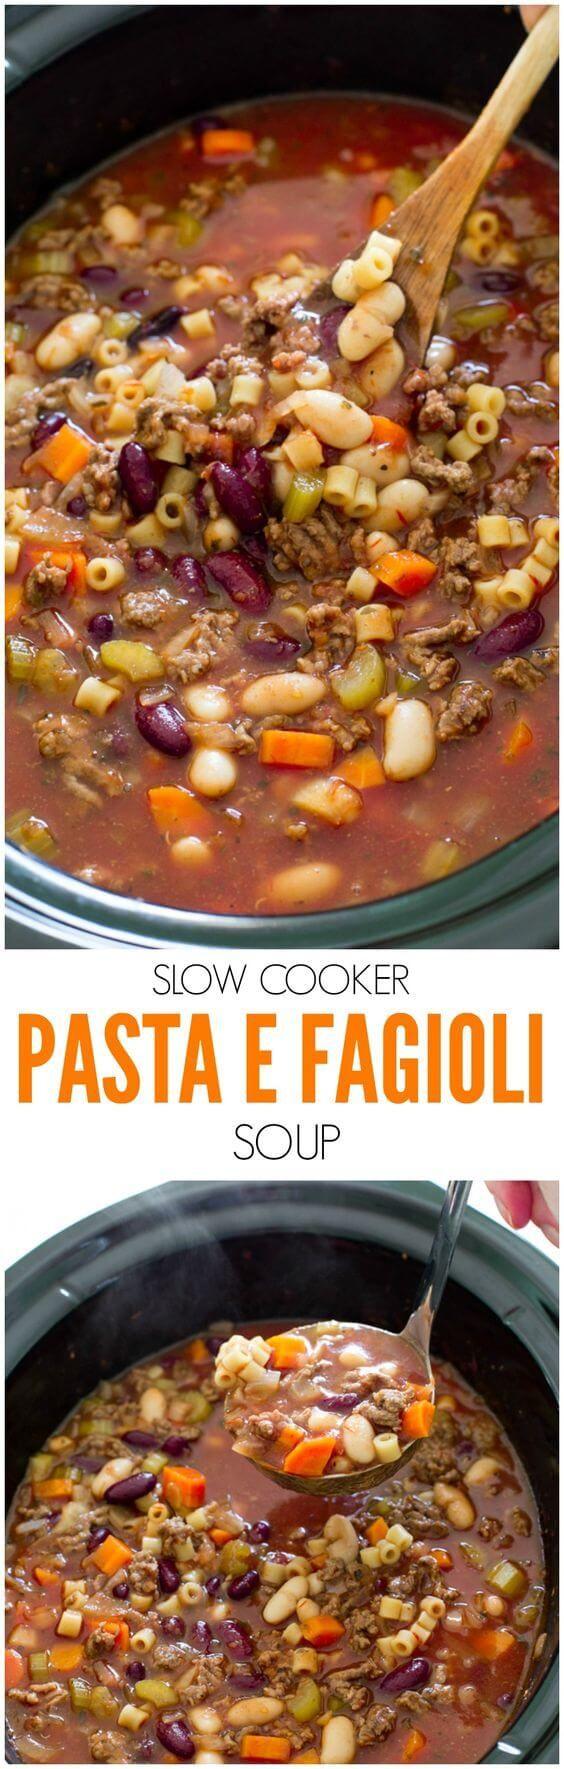 Slow Cooker Pasta E Fagioli Soup Recipe